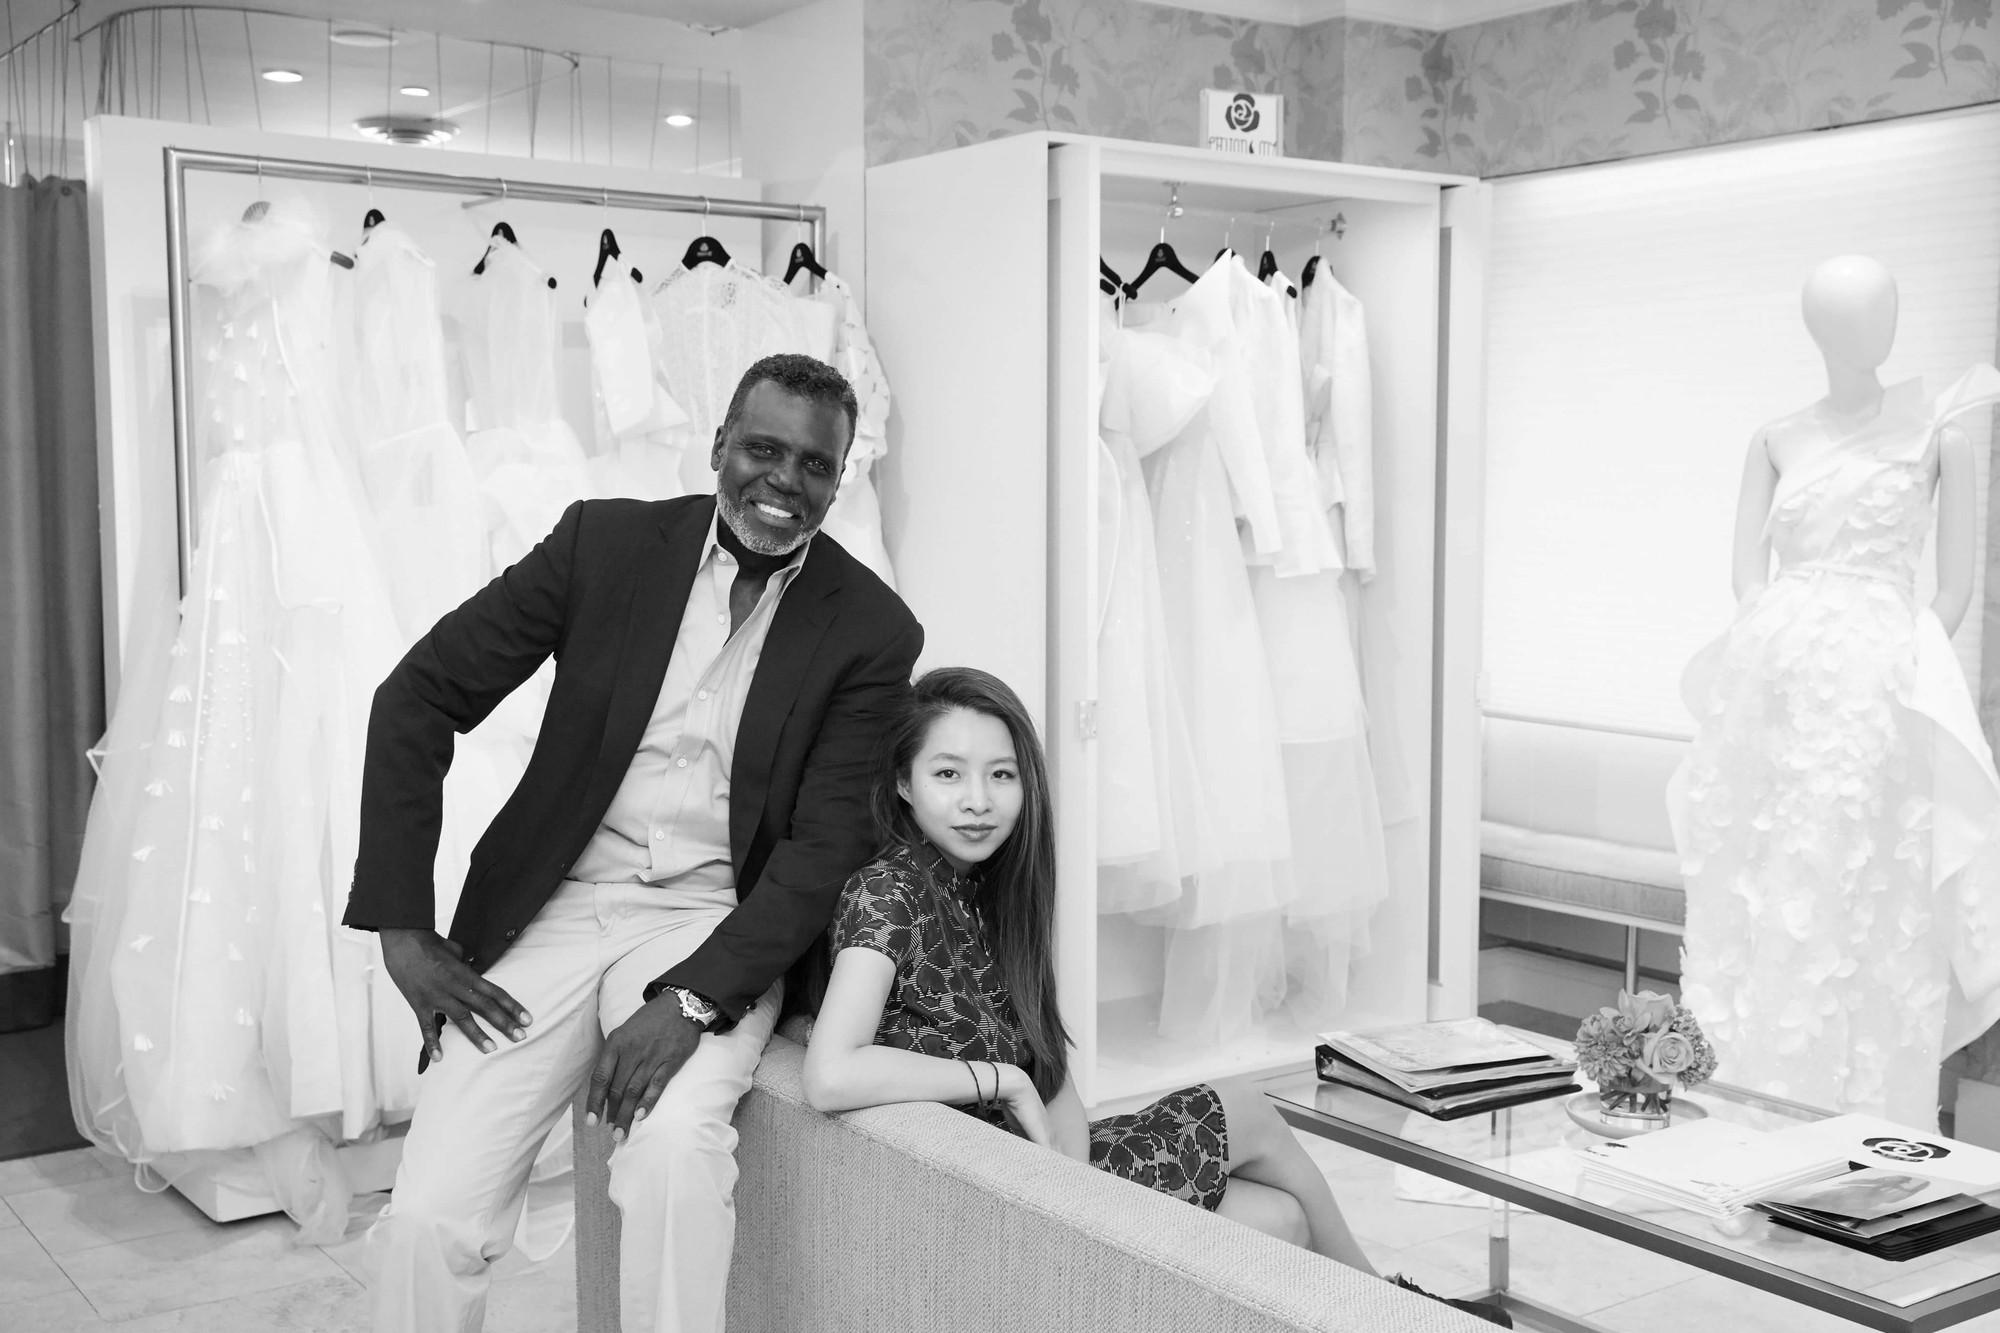 Ngắm váy cưới của nhà thiết kế Việt tại tiệm đồ cưới nổi tiếng New York - Ảnh 6.